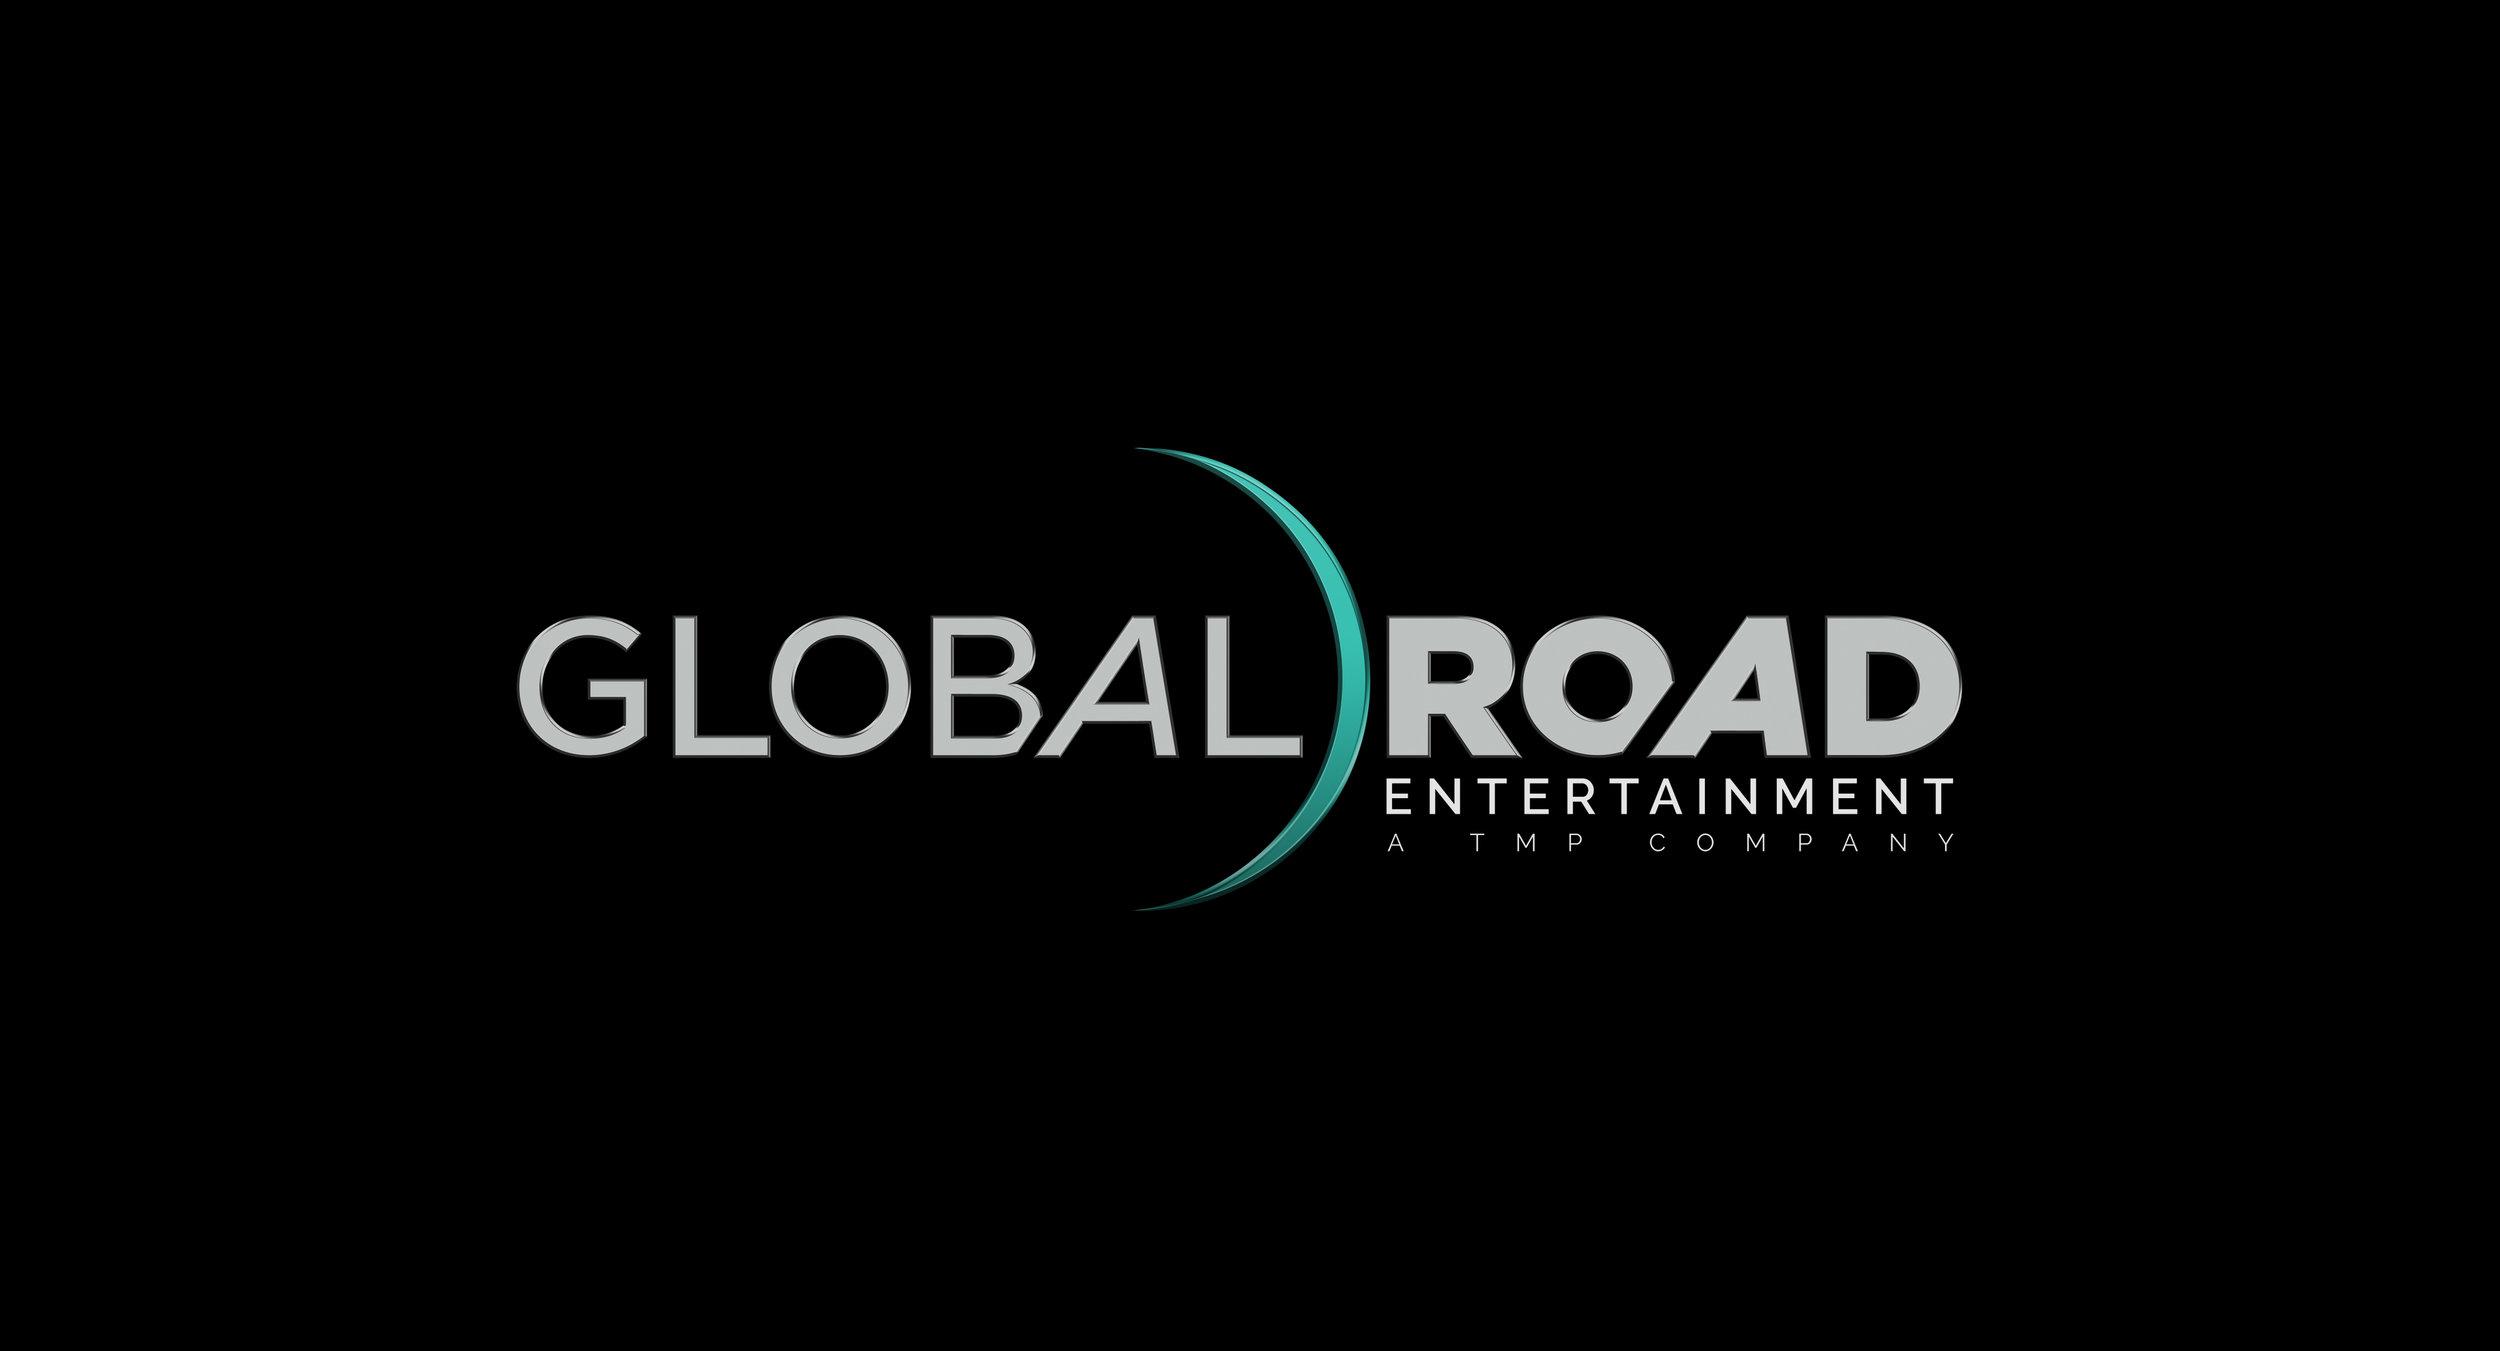 Global_Road_Frame__0000_Layer 9.jpg